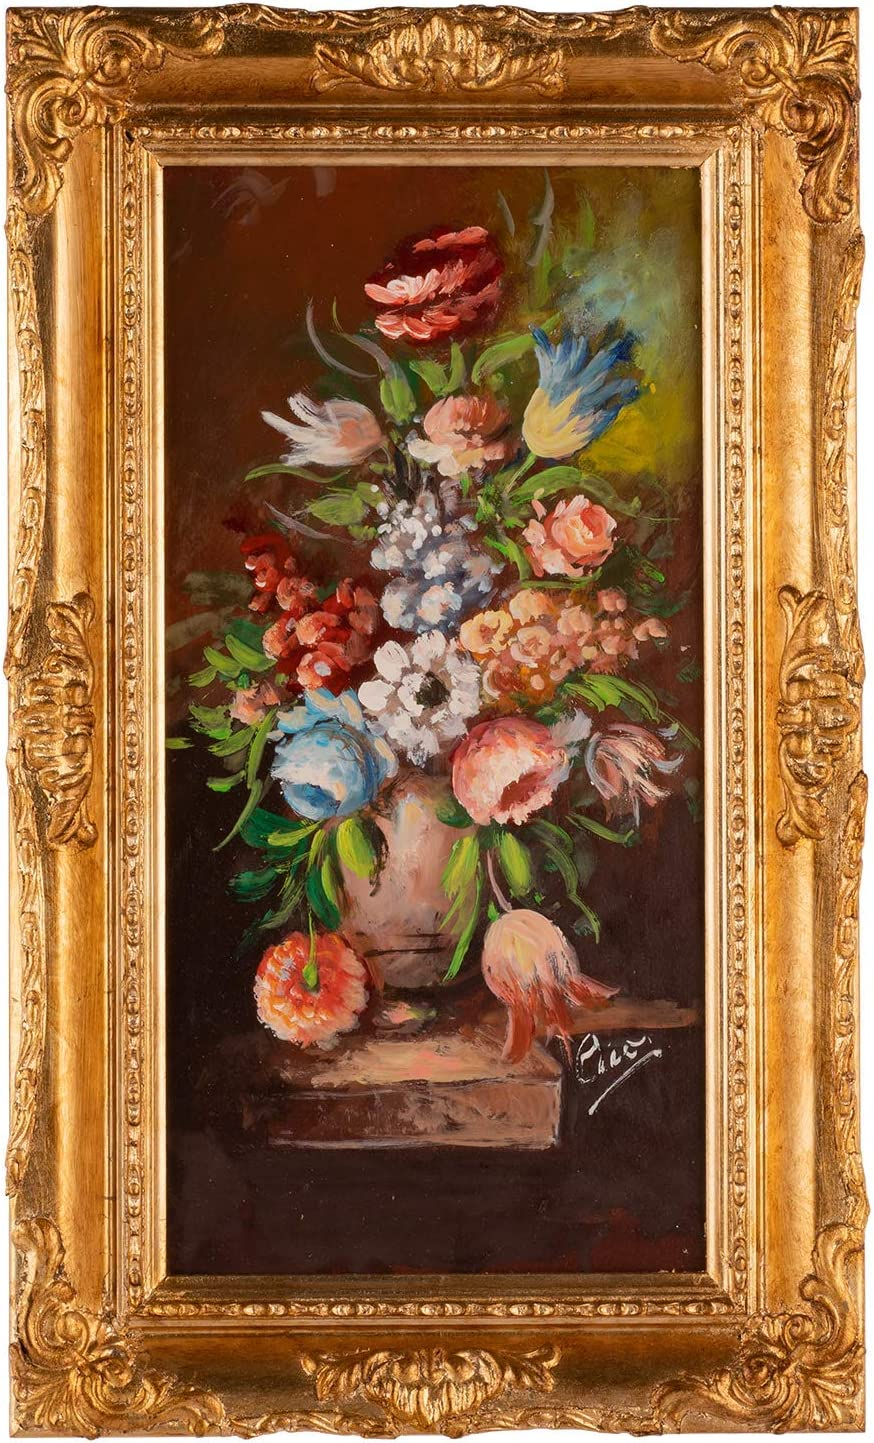 Italux - Cuadro floral pintor L.Cicas sobre madera con marco barroco de hoja dorada: Amazon.es: Amazon.es